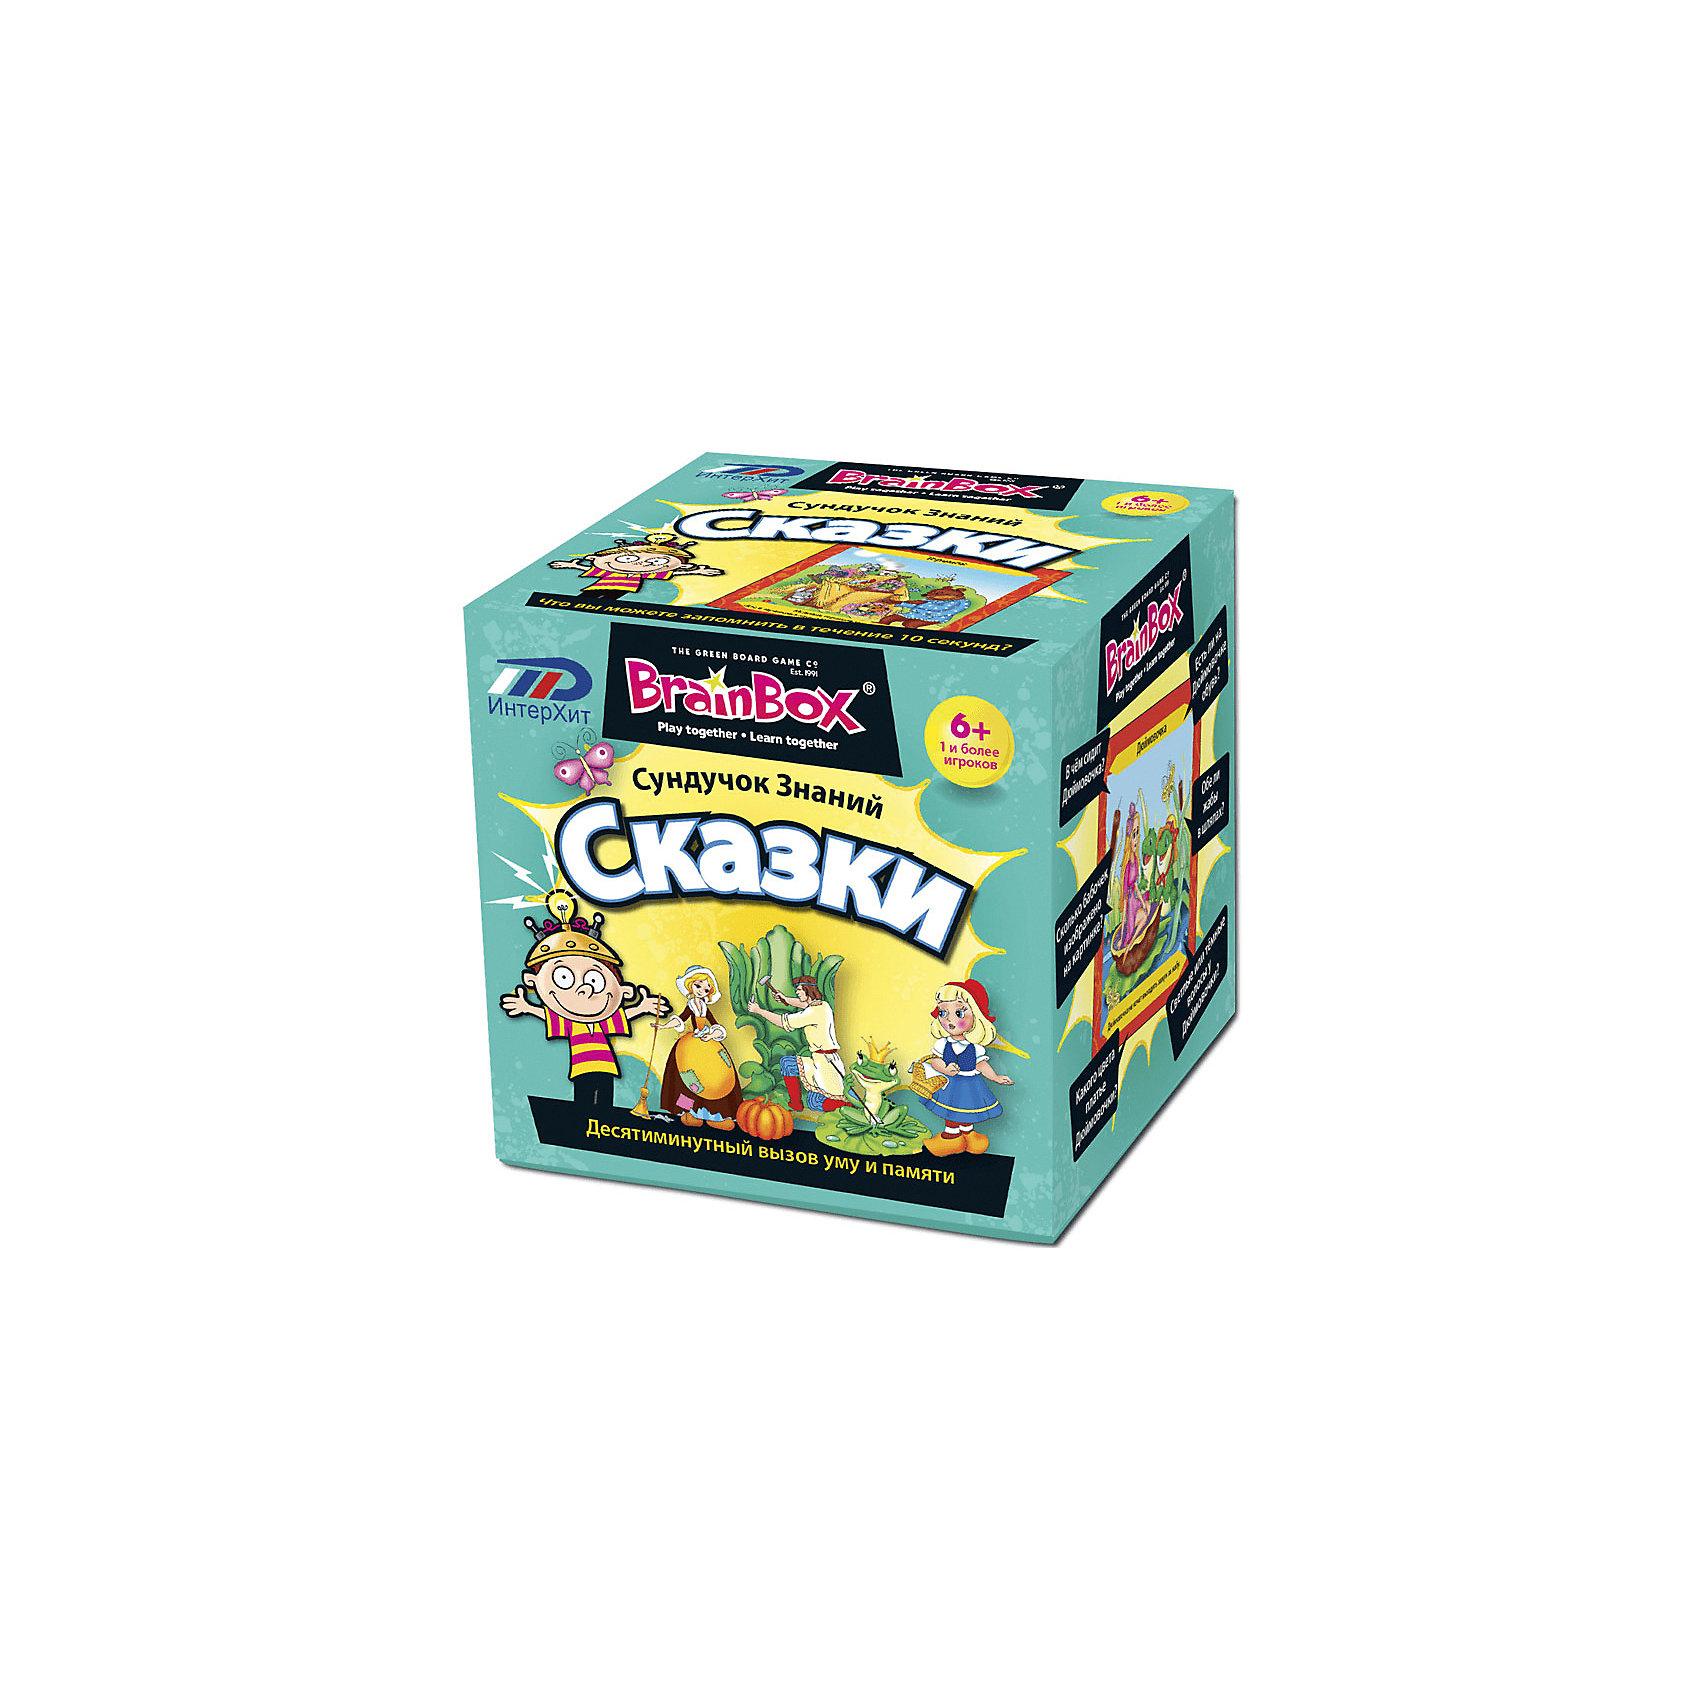 Сундучок знаний  Сказки,  BrainBoxСундучок знаний «Сказки», BrainBox  (БрейнБокс) – увлекательная игра на внимательность для любителей сказок.<br><br>Игрок берет карточку, на которой изображен сюжет из какой-либо сказки и переворачивает песочные часы. Теперь у него есть 10 секунд, чтобы внимательно изучить карточку. Затем он бросает кубик, чтобы узнать номер вопроса, на который нужно ответить. Какие цветы в корзине? Все ли сундуки с сокровищами открыты? Сколько мешков изображено на картинке? Нужно быть очень наблюдательным! Если ответ верный, то игрок оставляет карточку себе, если же нет, то он возвращает карточку назад в сундучок, а право хода передается следующему игроку.  Необходимо набрать как можно больше карточек за 10 минут. <br><br>Комплектация:<br>- 70 карточек<br>- карточка-инструкция<br>- песочные часы<br>- кубик<br><br>Дополнительная информация:<br><br>- размер коробки: 12х12х12 см<br>- вес: 700 г<br><br>Сундучок знаний «Сказки», BrainBox  (БрейнБокс) – это отличное времяпрепровождение с семьей или друзьями. Проверьте кто из вас самый внимательный!<br><br>Сундучок знаний «Сказки», BrainBox  (БрейнБокс) можно купить в нашем магазине.<br><br>Ширина мм: 120<br>Глубина мм: 120<br>Высота мм: 120<br>Вес г: 700<br>Возраст от месяцев: 60<br>Возраст до месяцев: 84<br>Пол: Унисекс<br>Возраст: Детский<br>SKU: 3574600